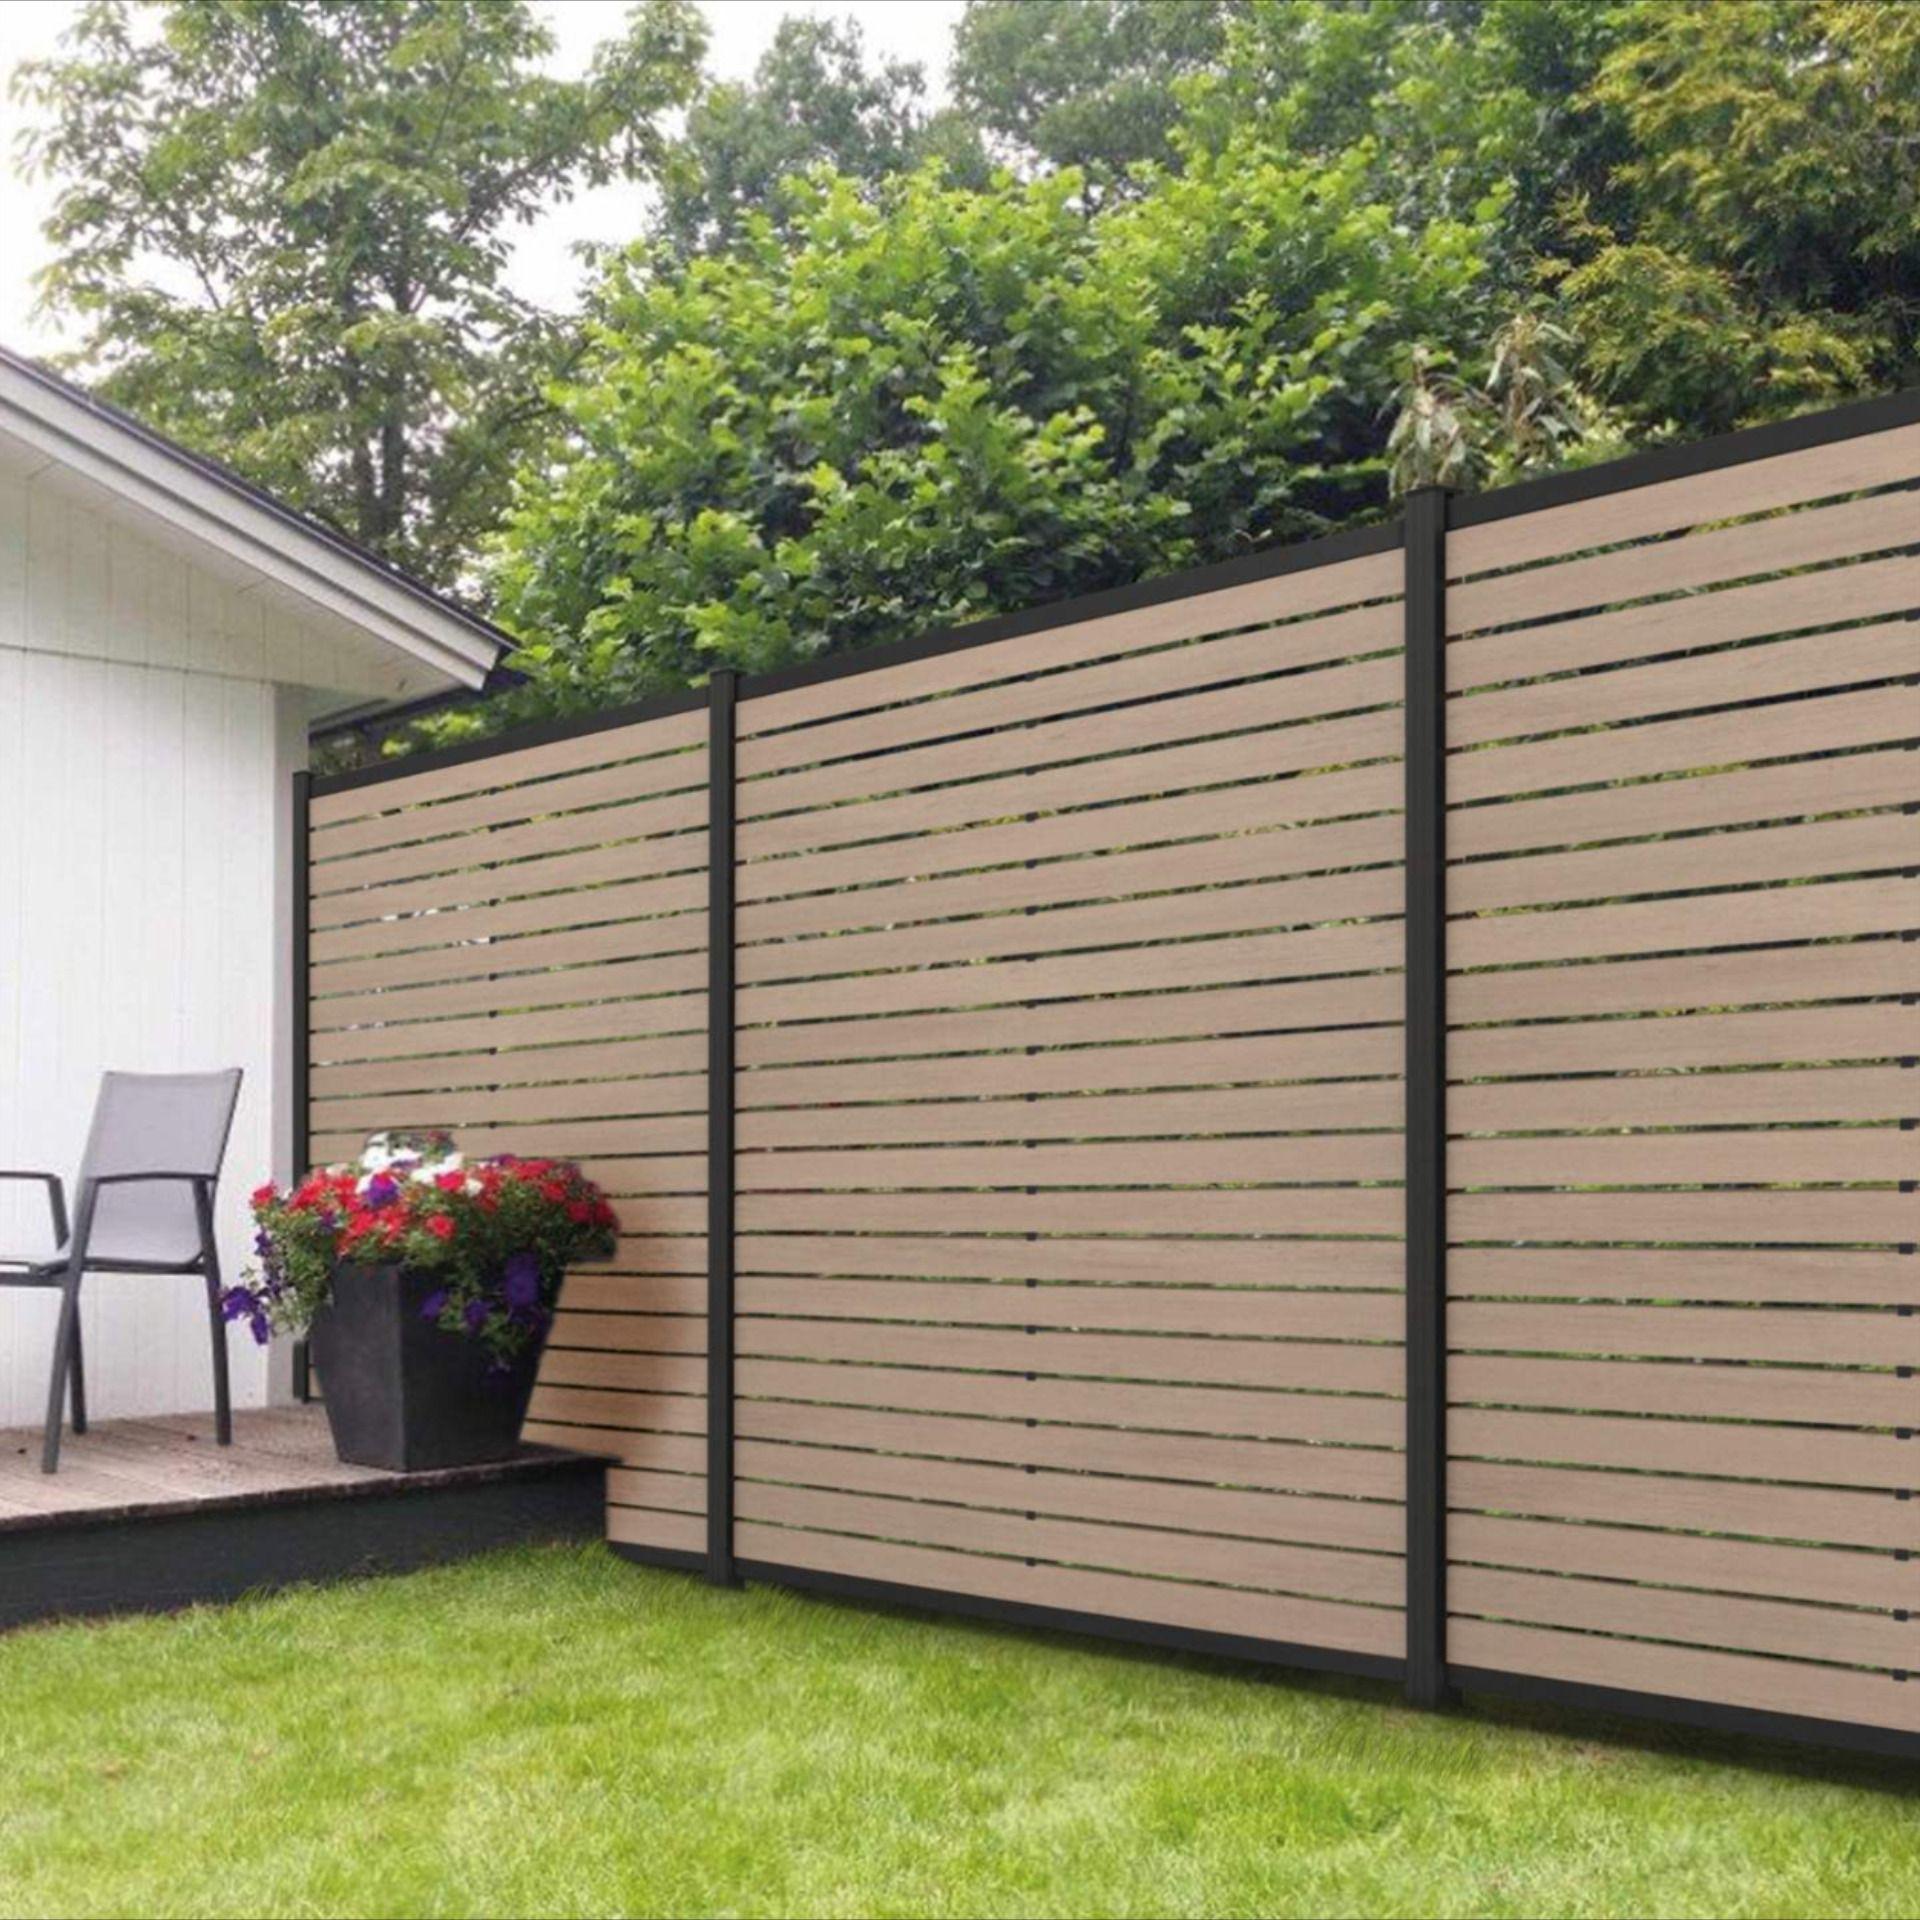 Wpc Rhombus Steckzaun In Verschiedenen Farben In 2020 Steckzaun Sichtschutzzaun Garten Zaun Garten